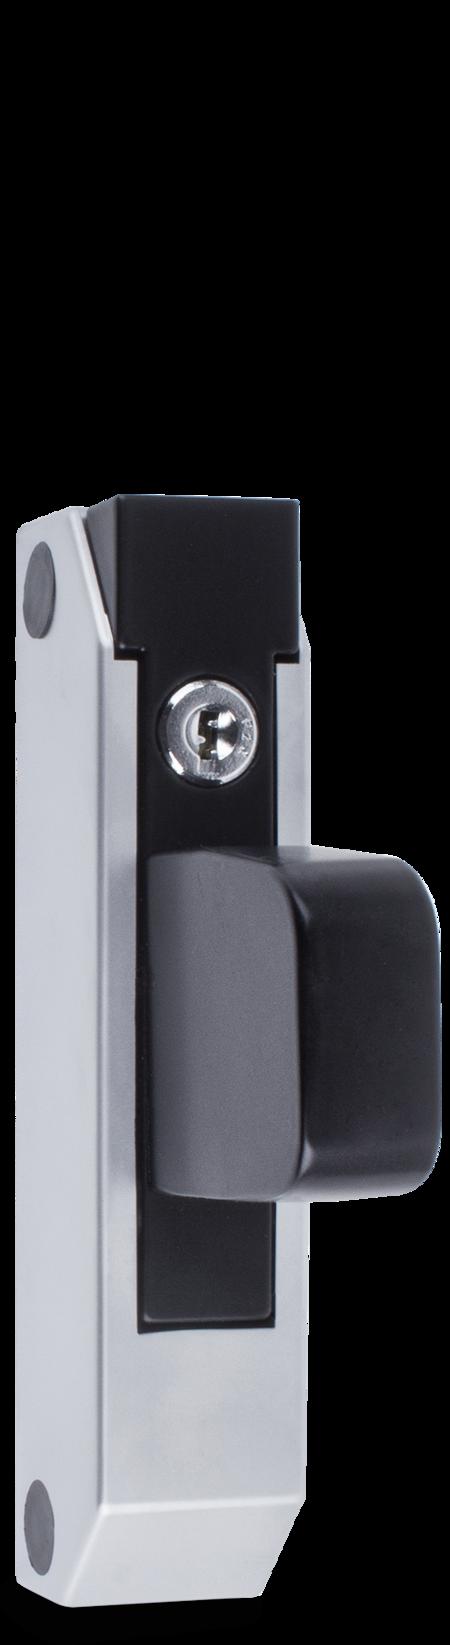 Schubladenverschluss Zink-Druckguss, EPS beschichtet schwarz RAL 9005, Kappe Kunststoff, matt verchromt, mit Zylinder, mit 2 Schlüsseln, verschiedenschließend, seitliche Montage, Höhe Halterung 49 mm